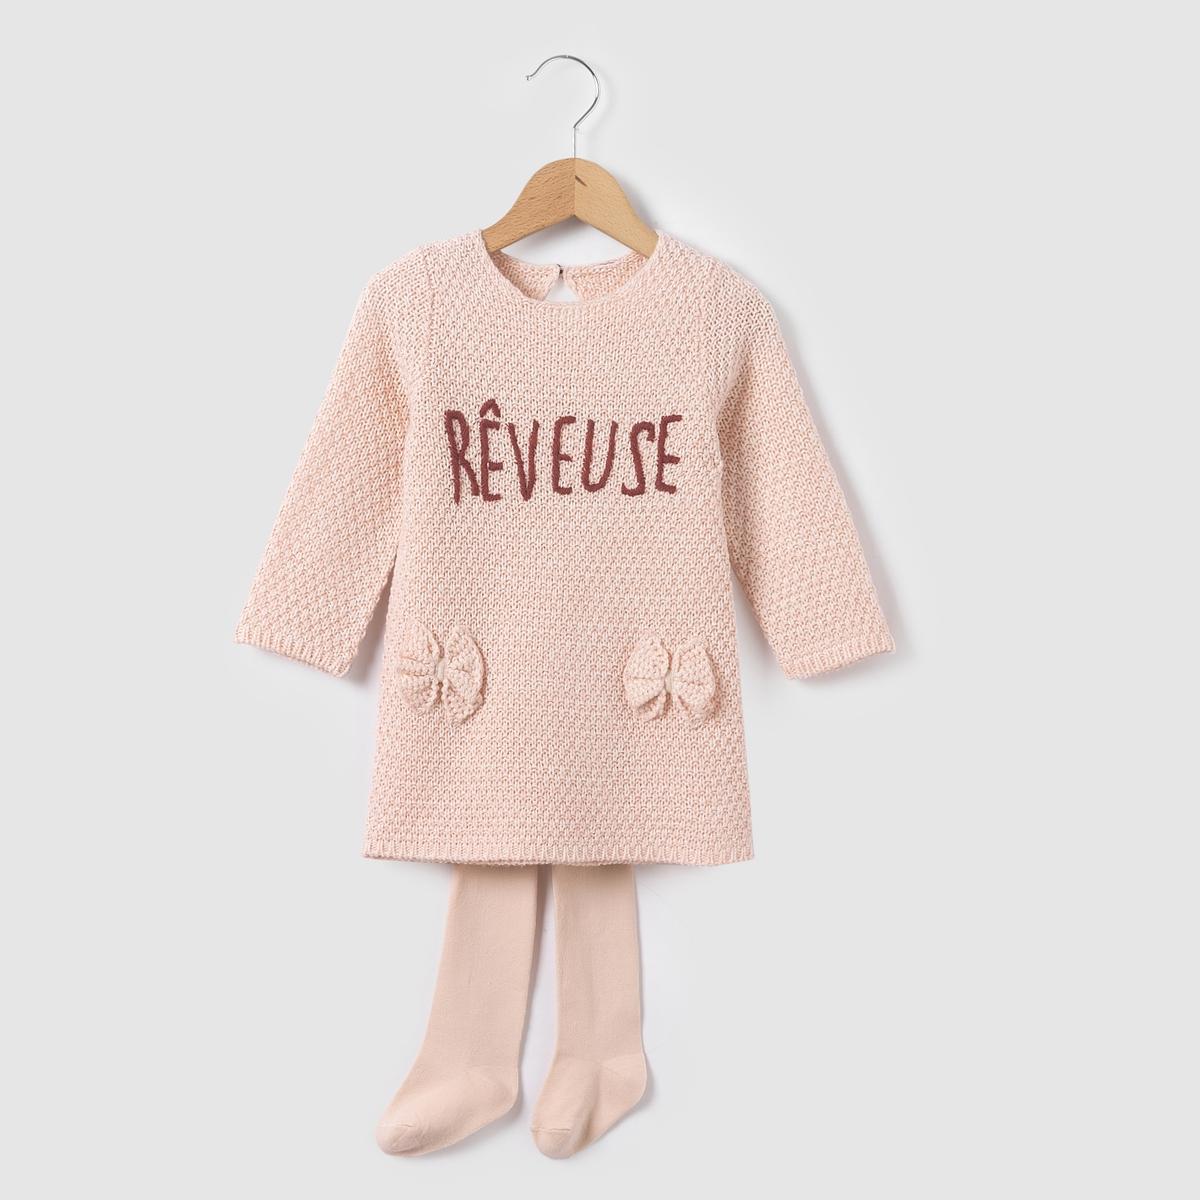 Комплект из платья и колготок, возраст 1 мес. - 3 года